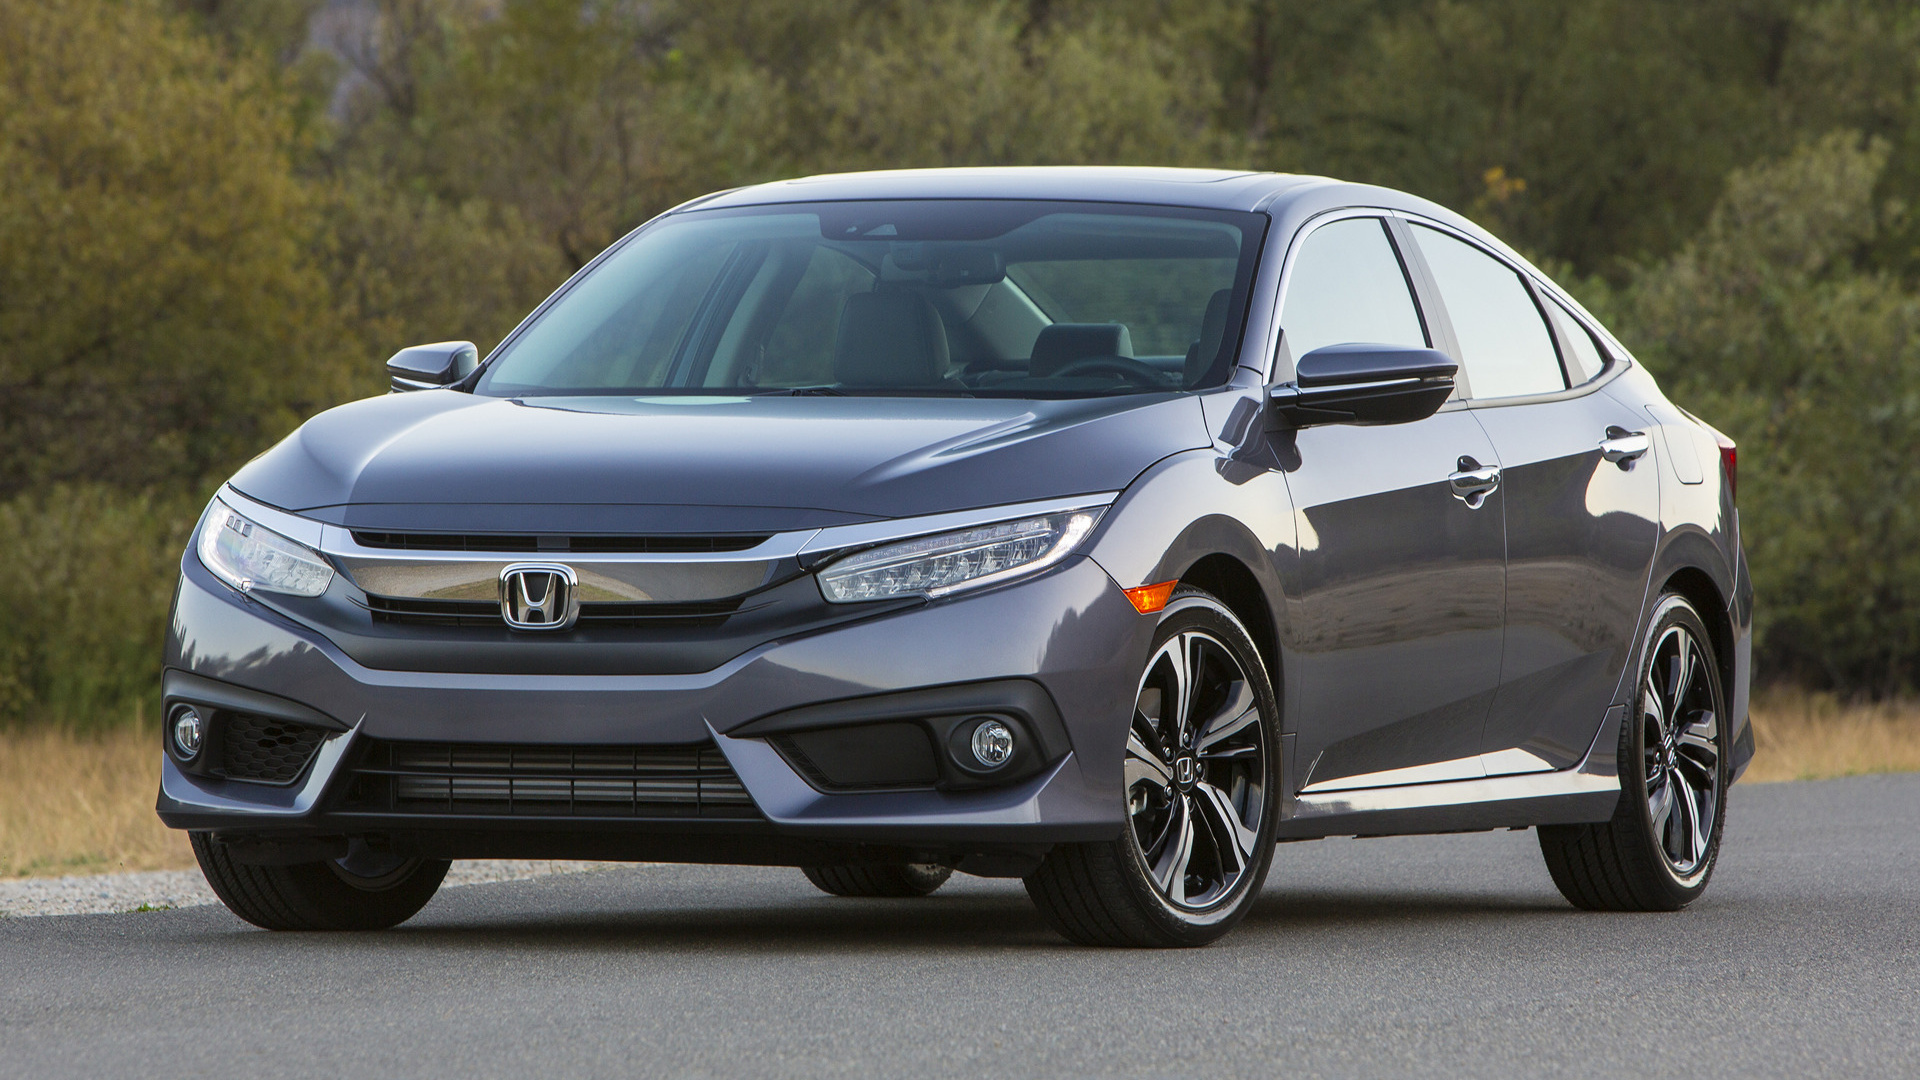 2016 Honda Civic Touring Sedan (US) - Wallpapers and HD Images | Car Pixel